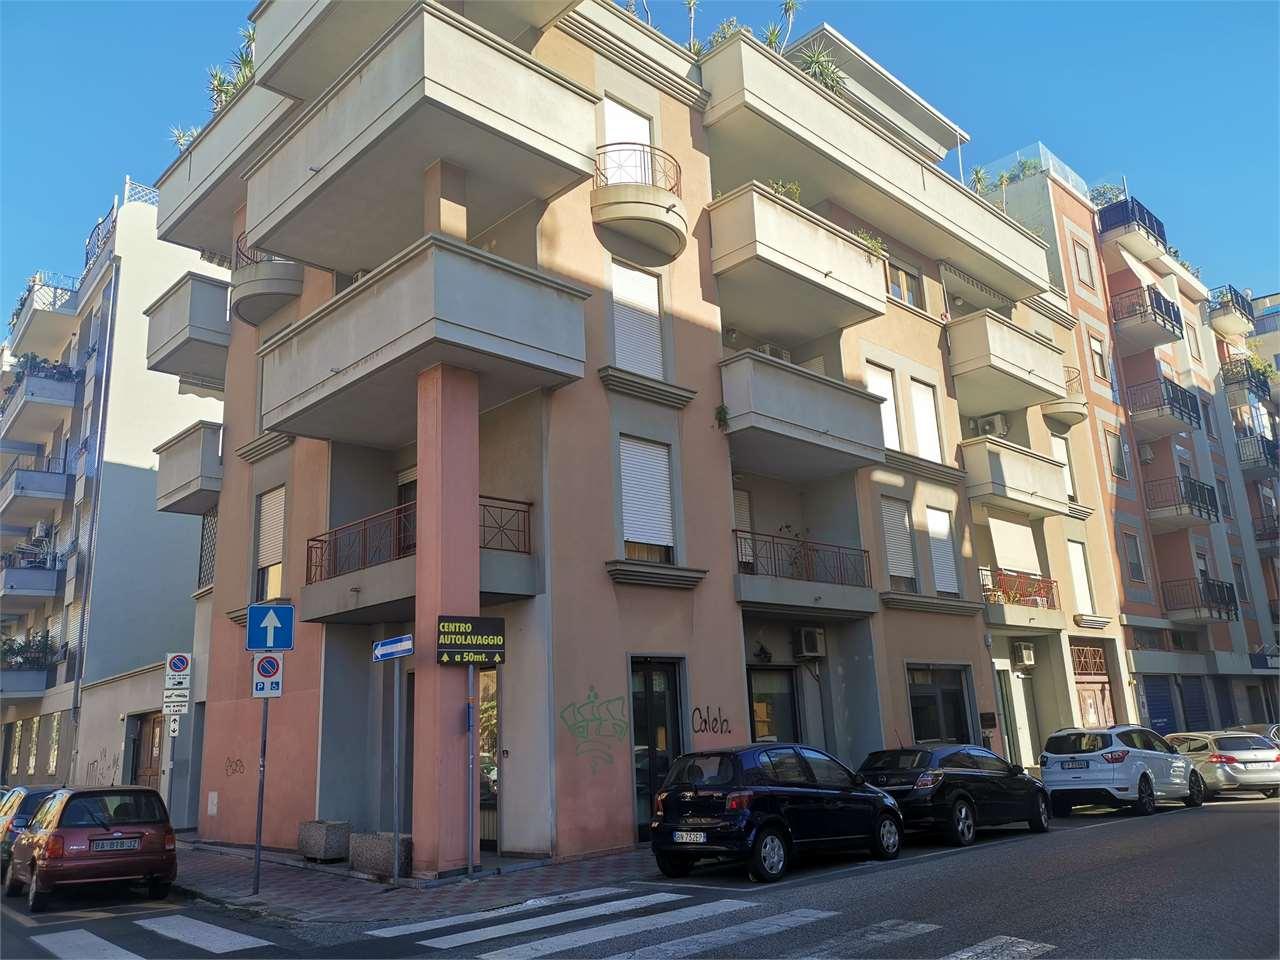 Appartamento in vendita a Cagliari, 3 locali, zona Zona: San Benedetto , prezzo € 195.000 | CambioCasa.it